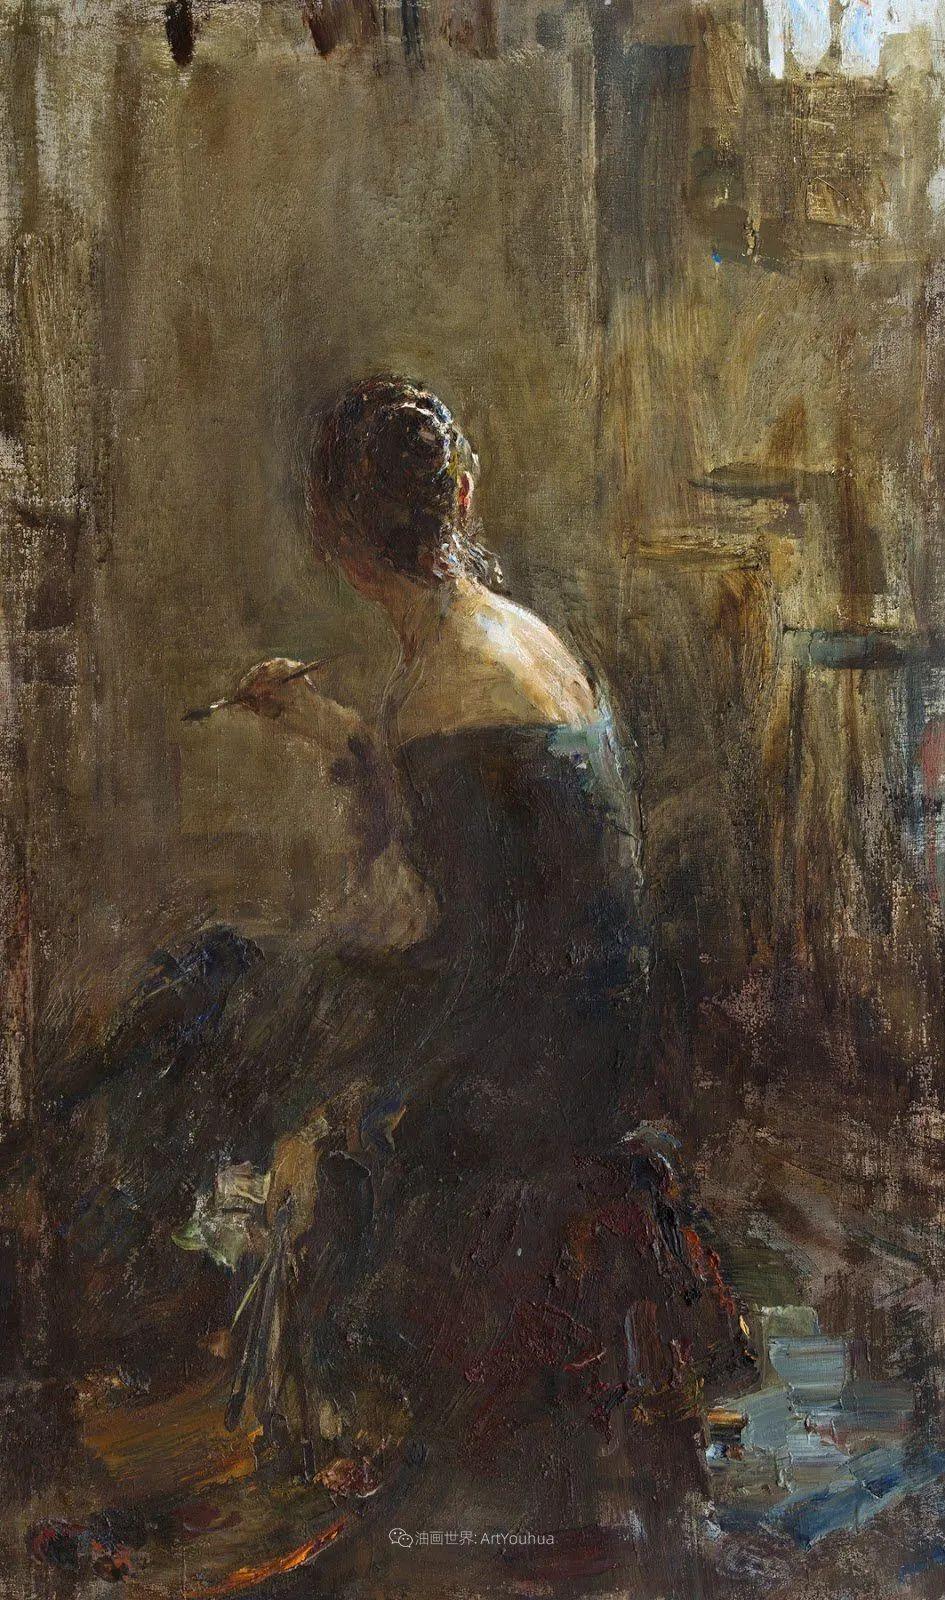 超美的具象油画色彩,俄罗斯青年女画家Anastasiya Matveeva插图19